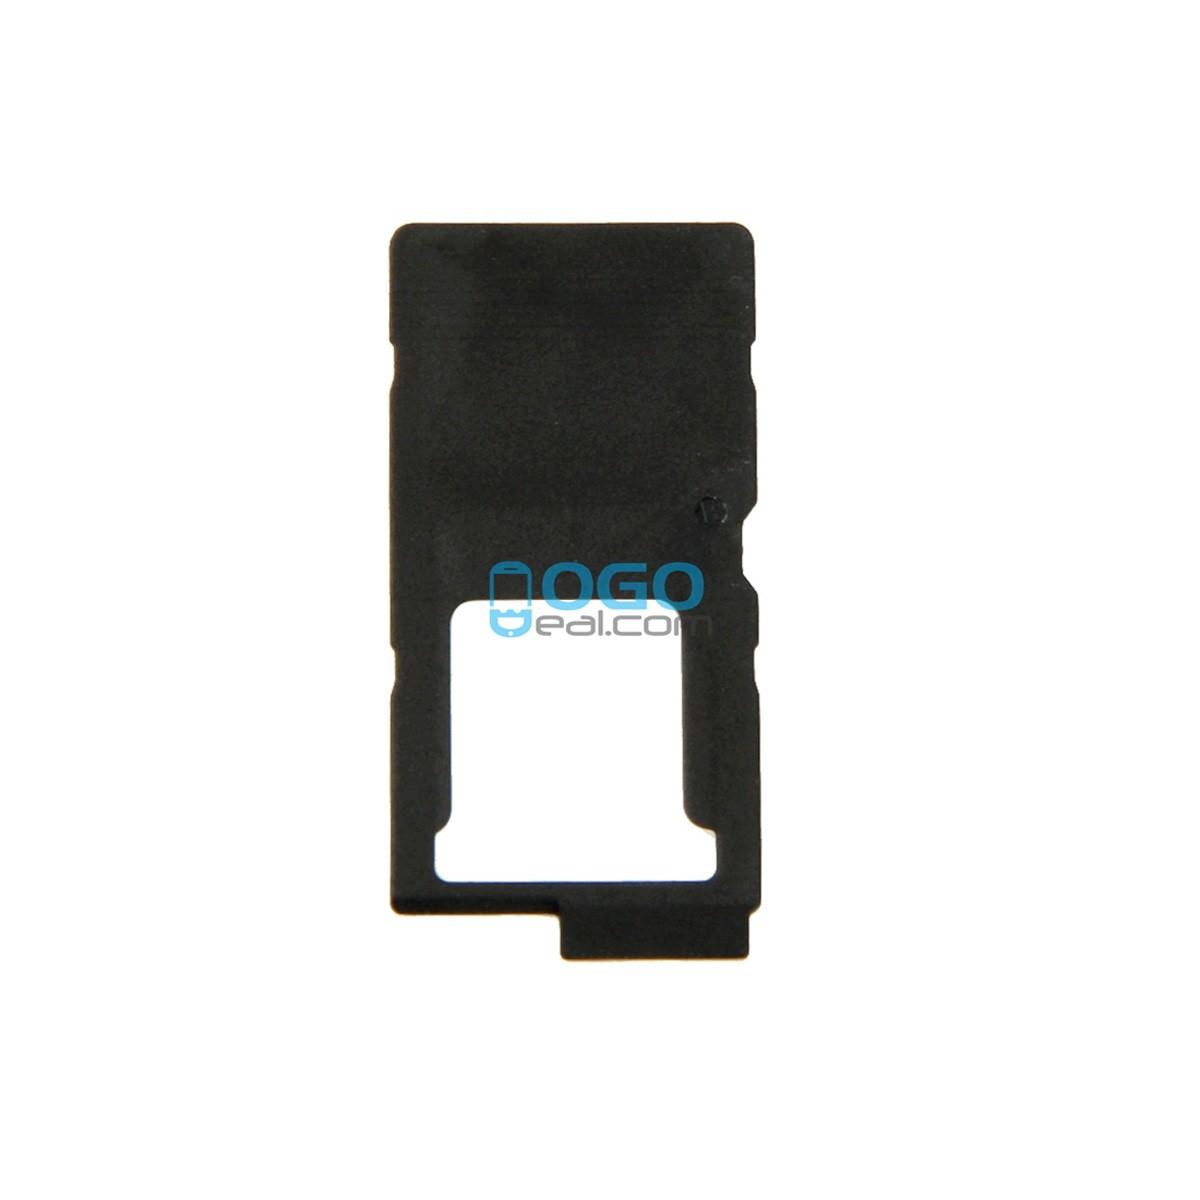 SIM/Micro SD Card Tray Replacement for Sony Xperia Z5/ Z5 Premium/ Z3+ /  Z3+ dual